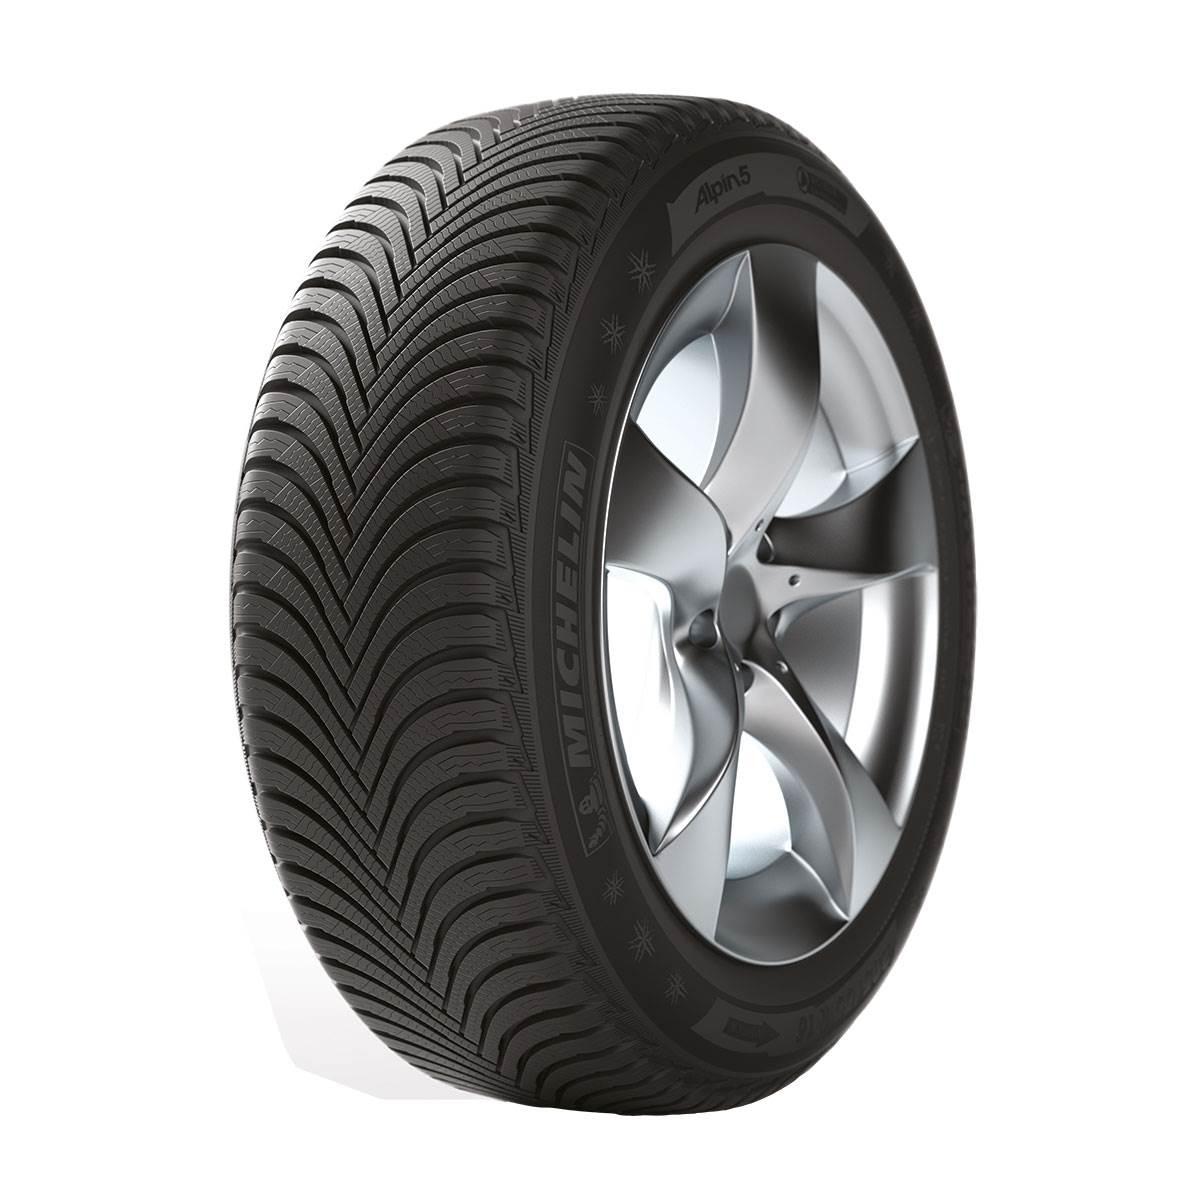 Pneu Hiver Michelin 205/60R15 91H Alpin A5